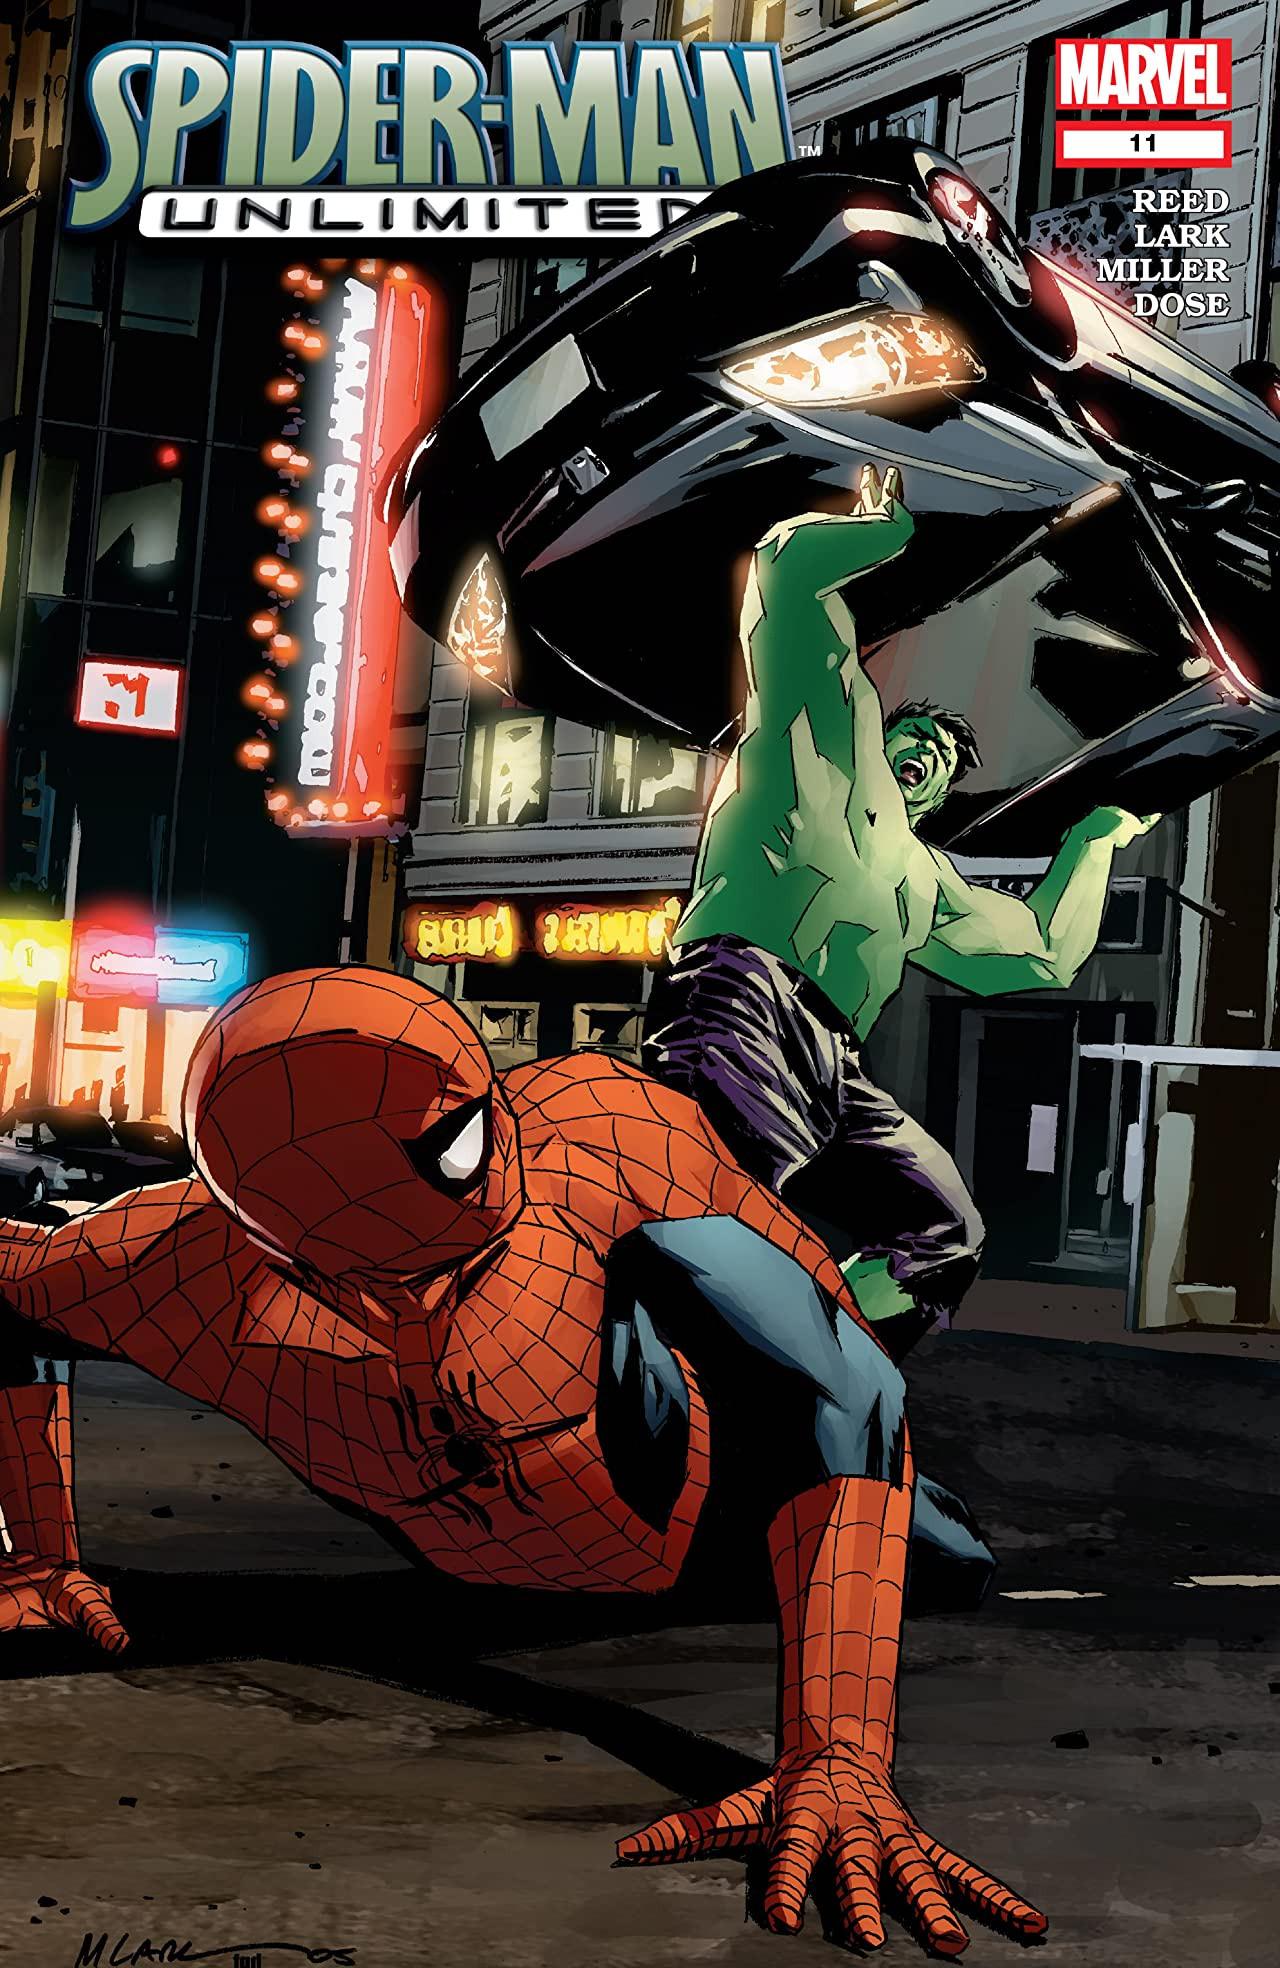 Spider-Man Unlimited Vol 3 11